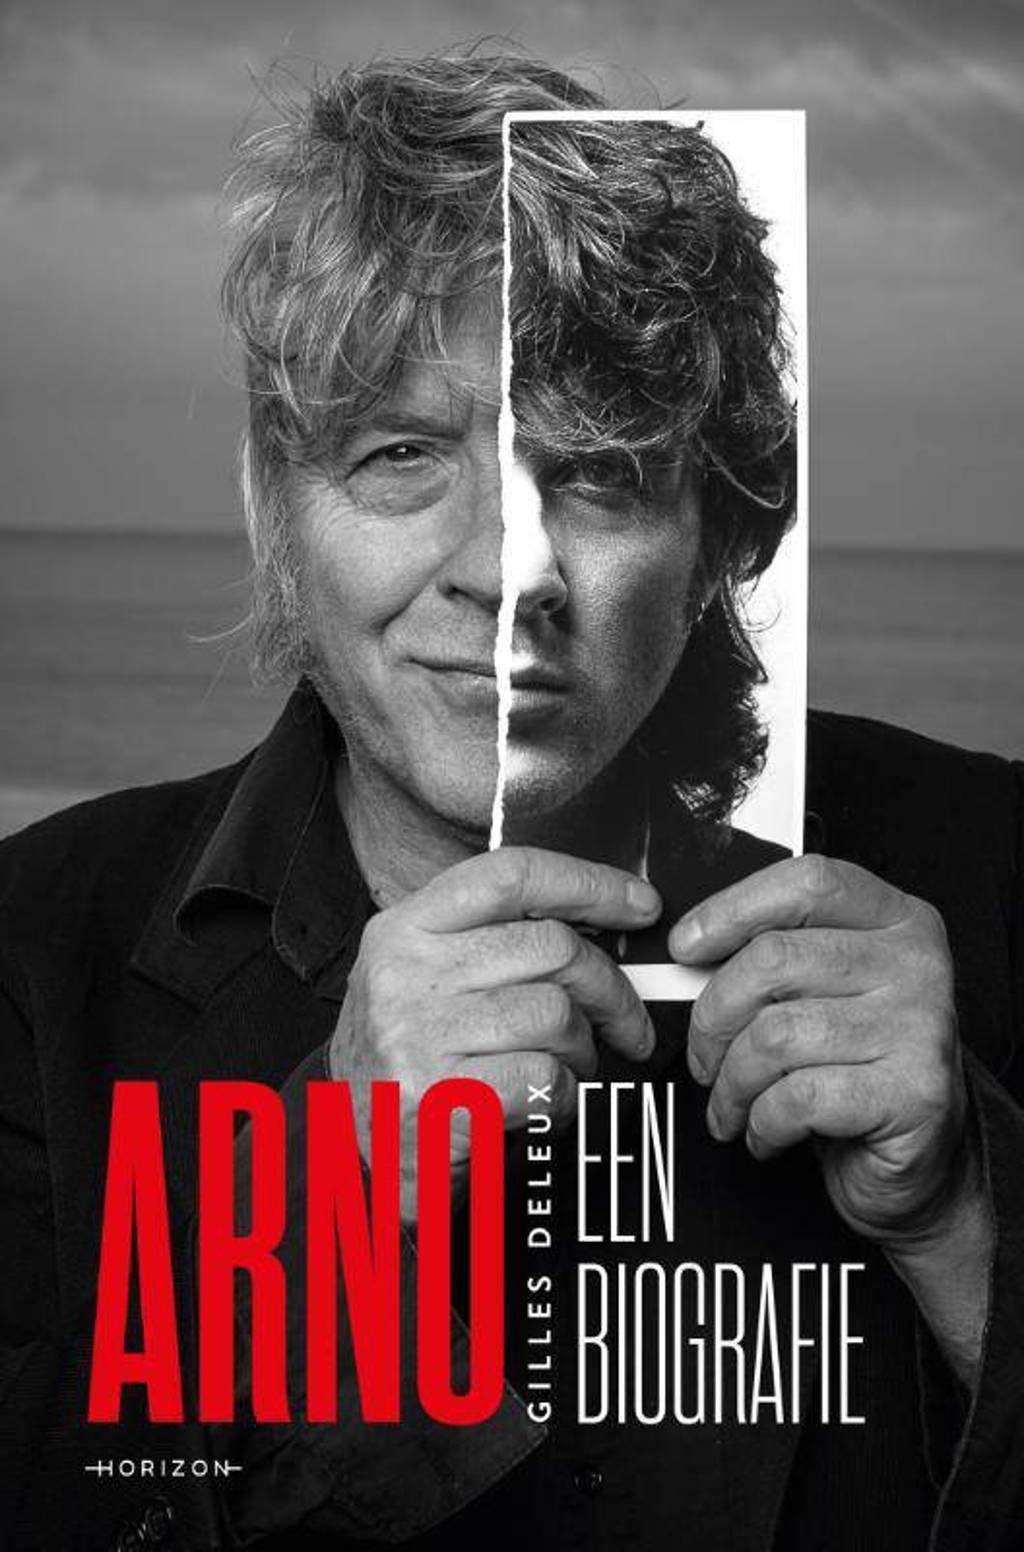 Arno - Gilles Deleux